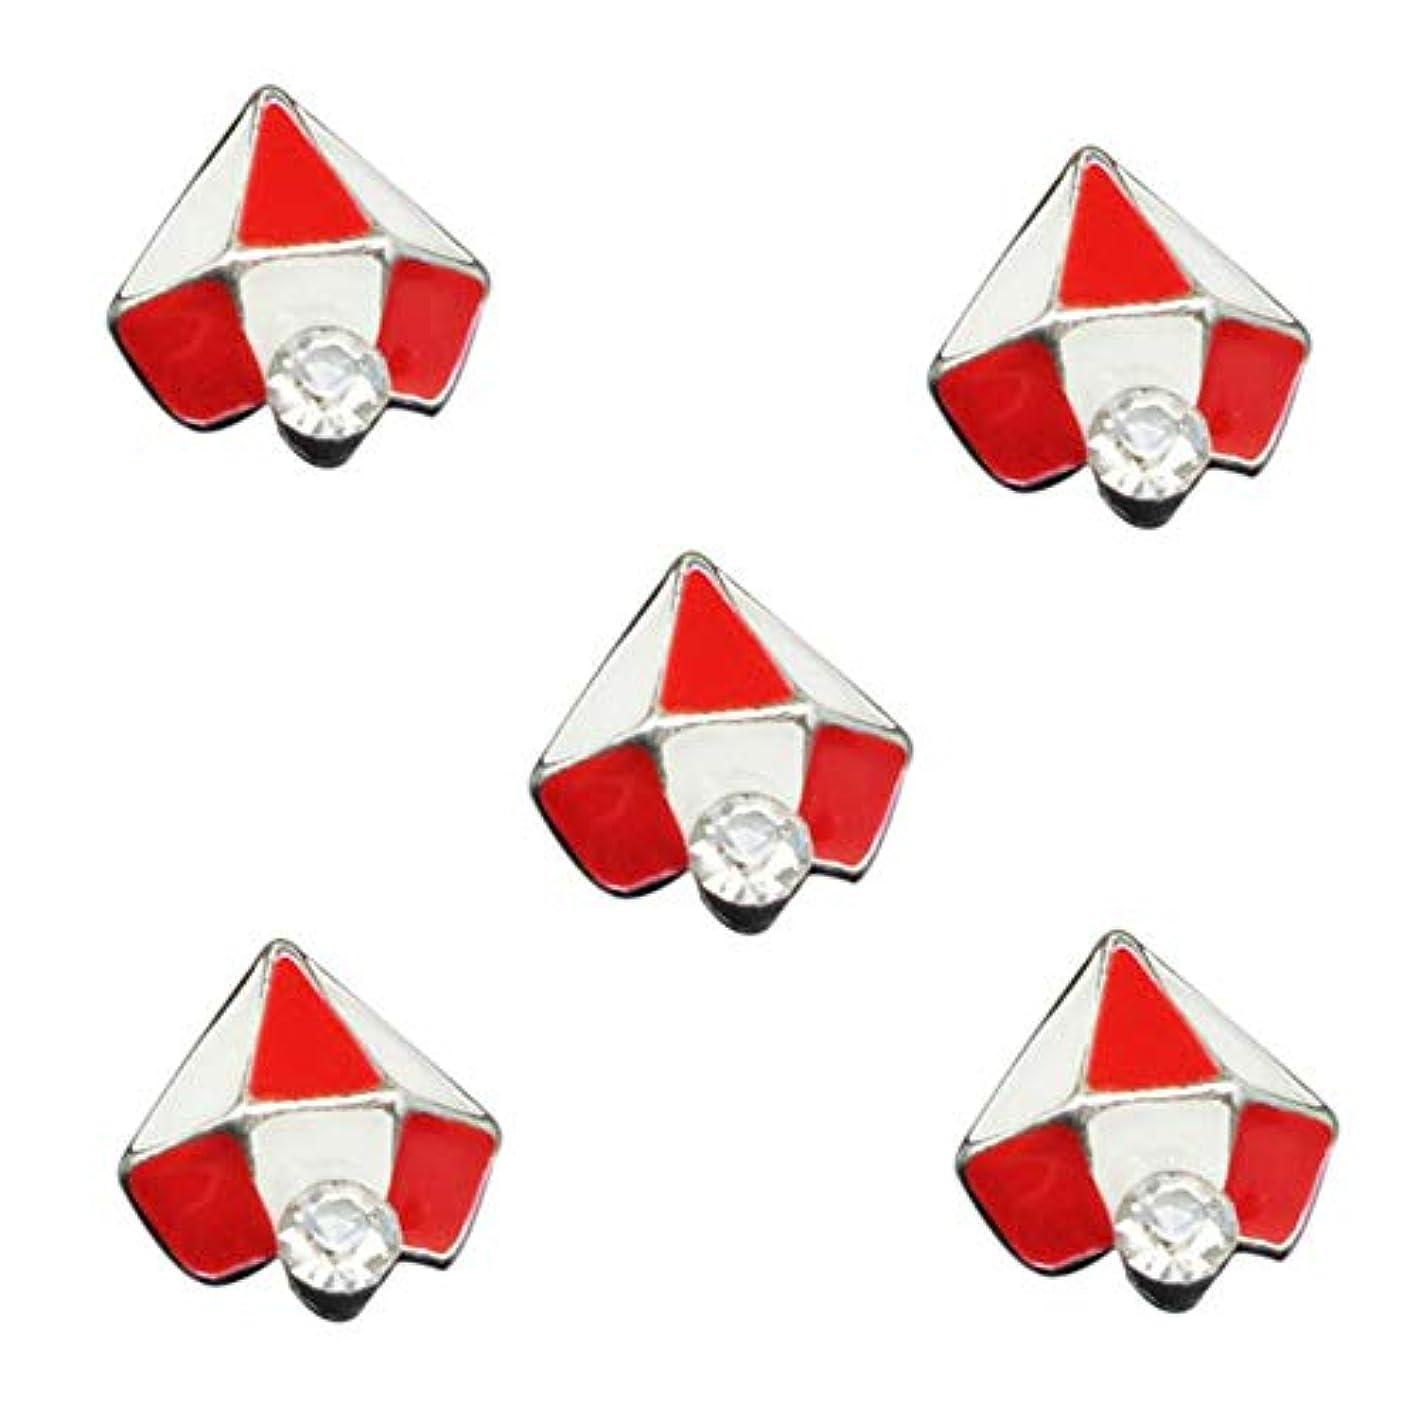 悪いさせるワークショップ10PCSの3Dグリッタージュエリーレッドダイヤモンドデザインネイルアートジェルステッカーの接着剤のラインストーンネイルマニキュアスタイリングツールのために